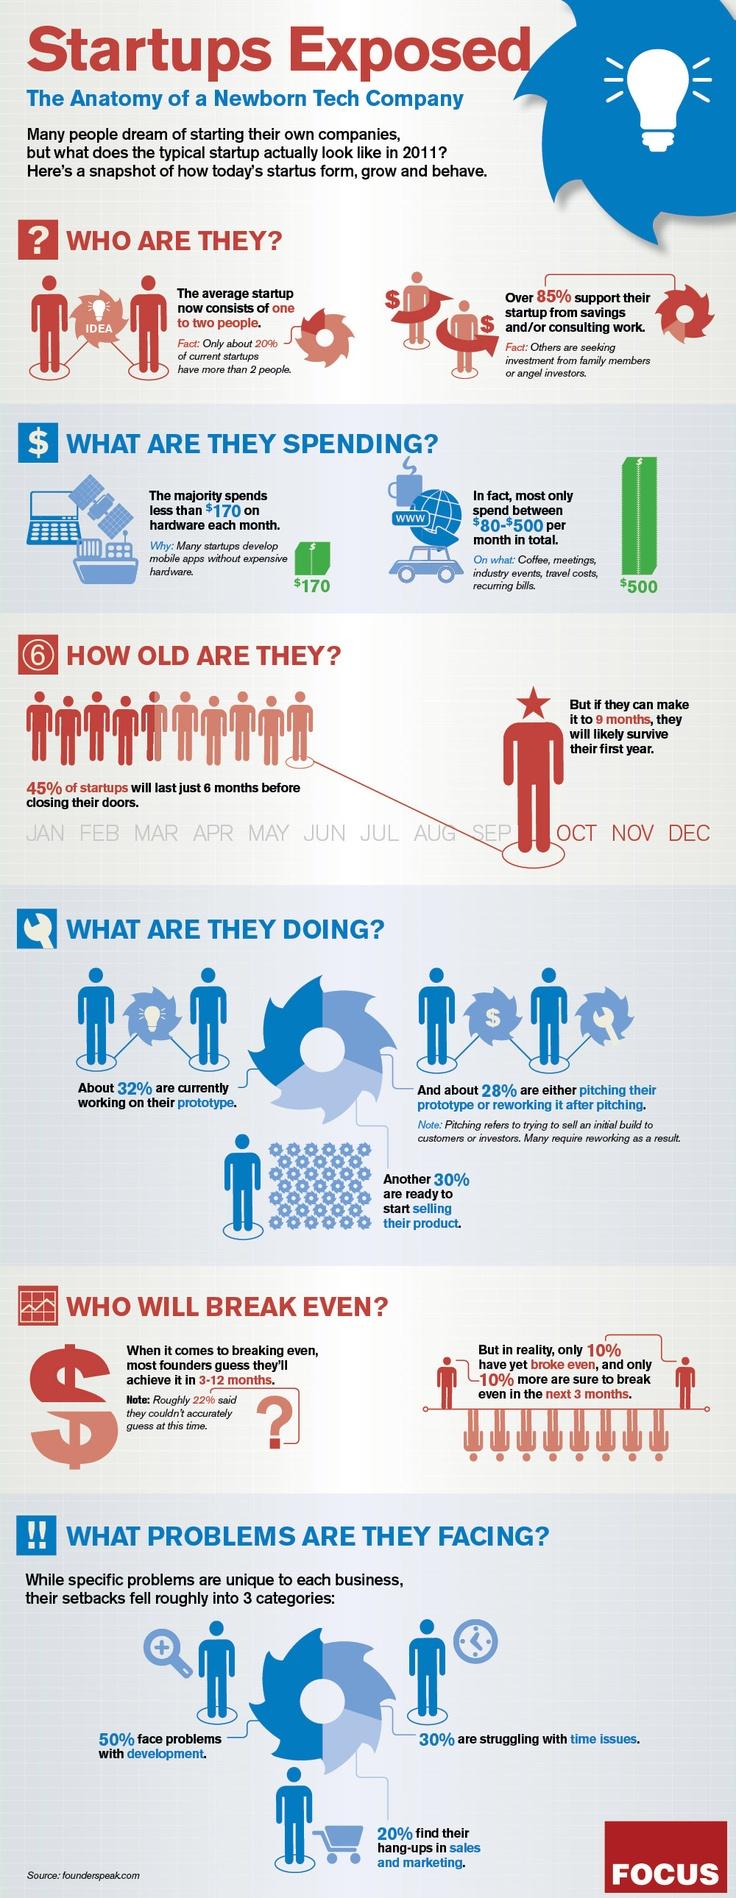 http://www.deutsche-startups.de/wp-content/uploads/2012/03/Startups-Exposed.jpg